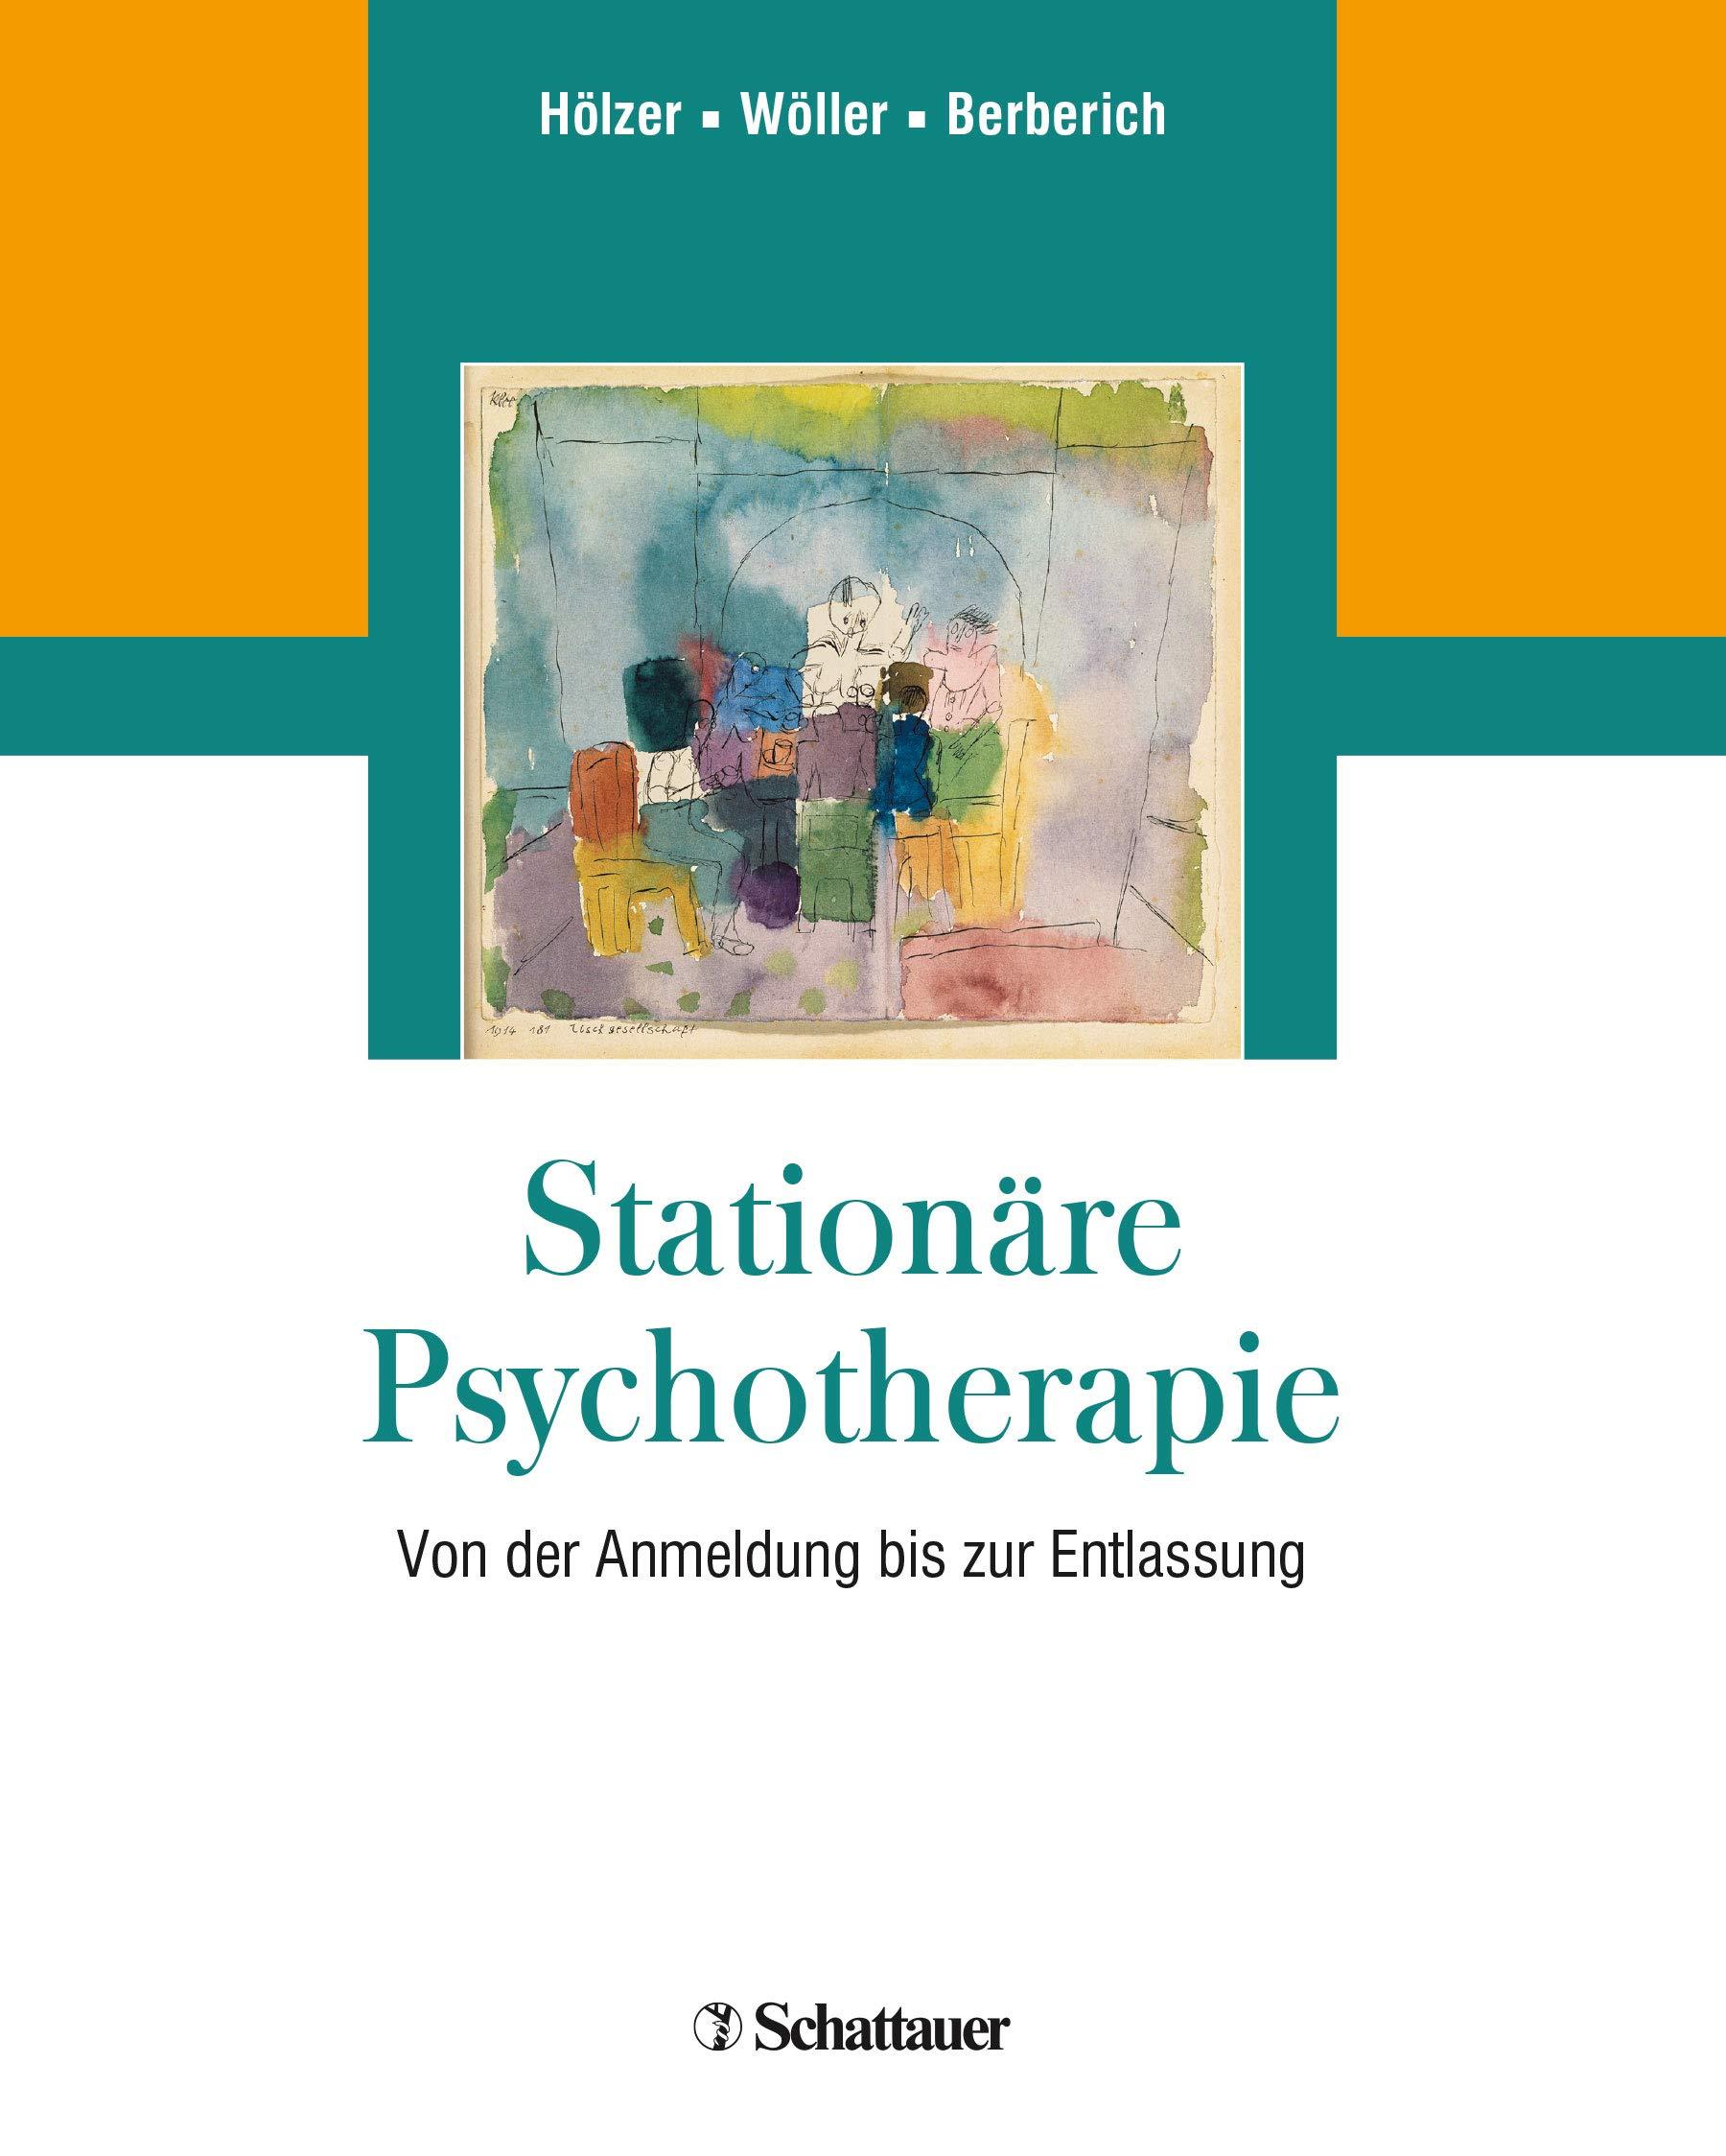 Stationäre Psychotherapie: Von der Anmeldung bis zur Entlassung